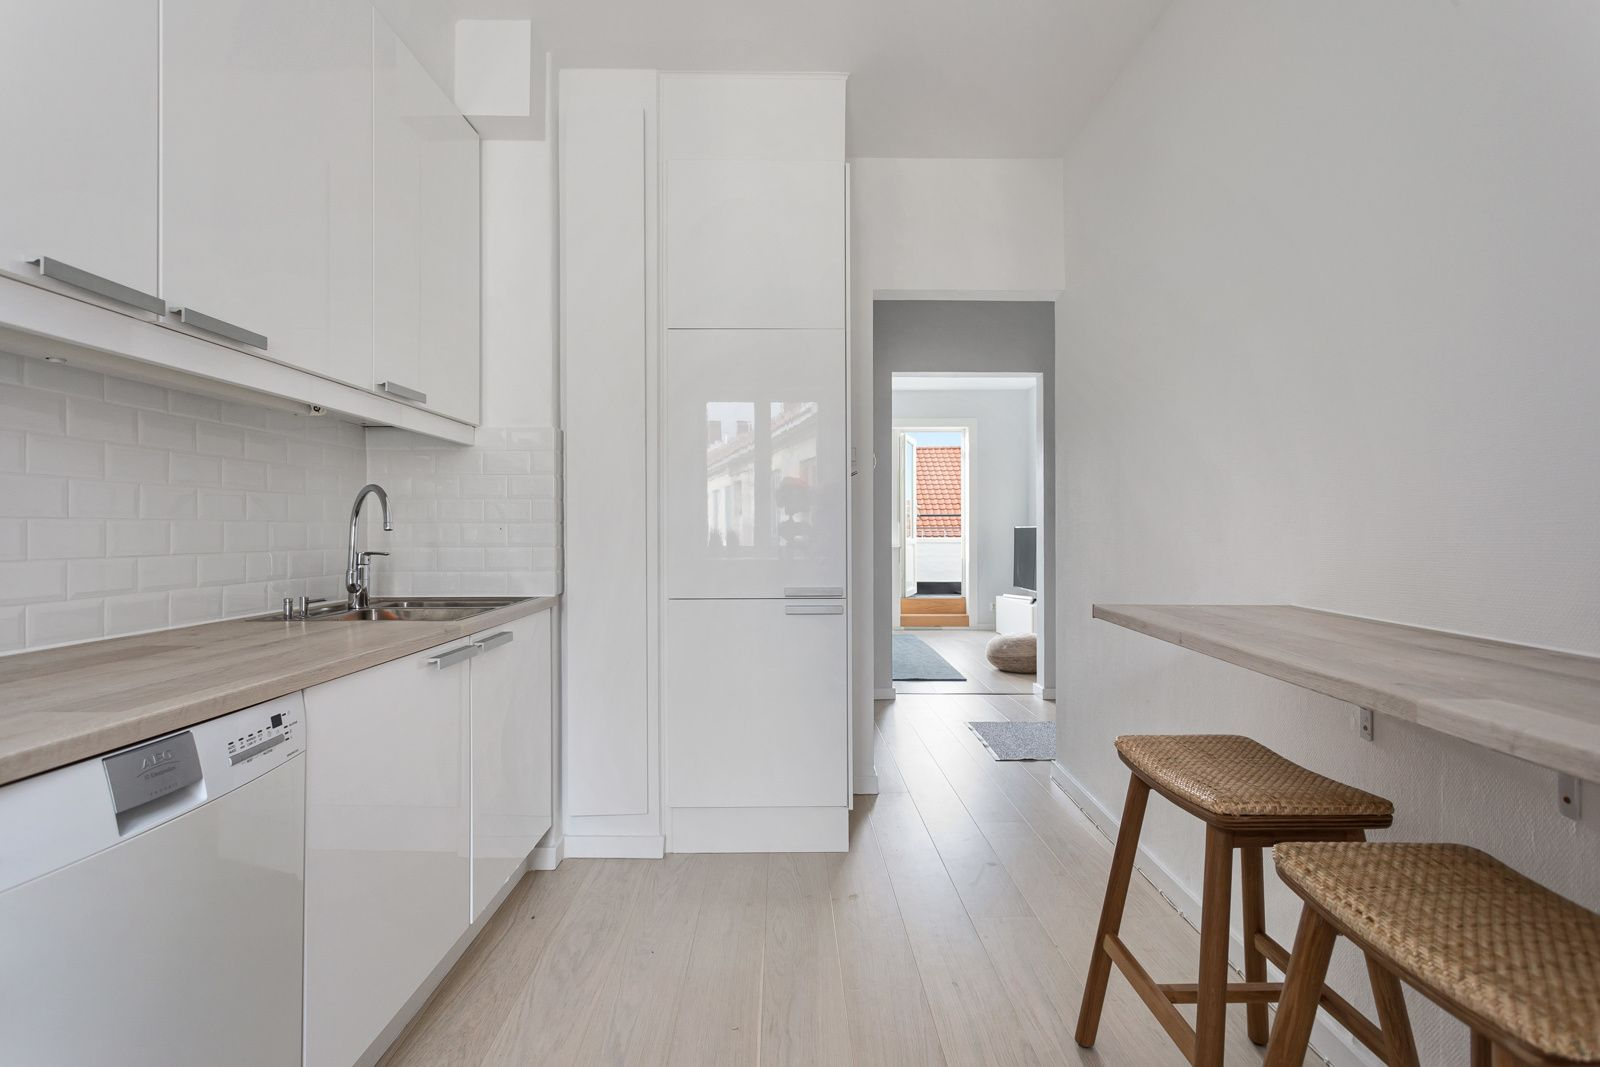 Claus Riis` gate 4 Kjøkkenet er utstyrt med hvitevarer som stekeovn, induksjonstopp (ny i 2021), oppvaskmaskin og kjøleskap med frysedel. Ventilator med avtrekk ut av bygget.